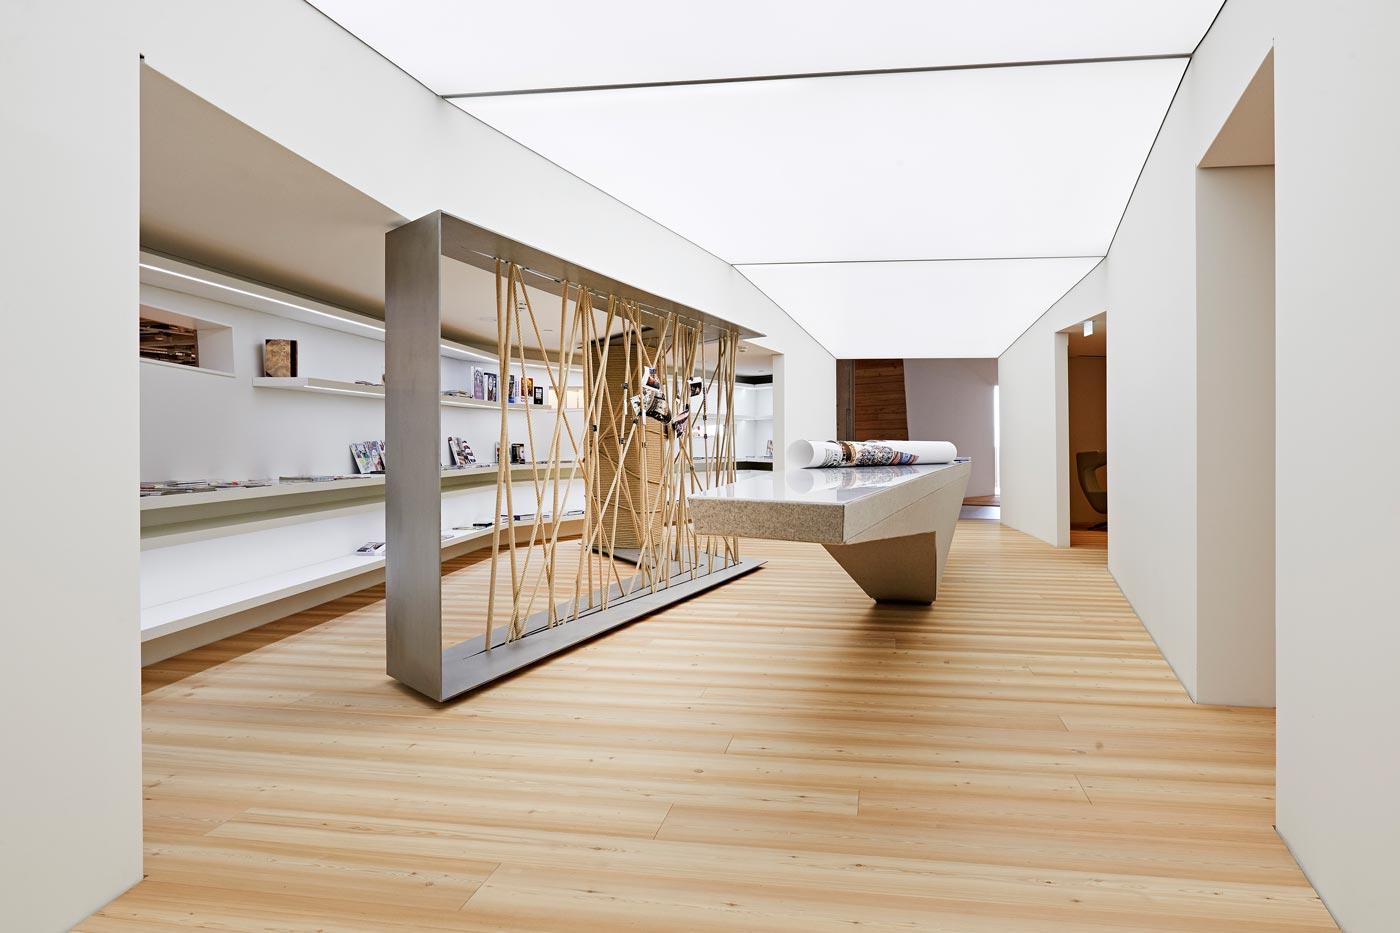 das kreativ lab die kreativzone bei depot sch n bei dir by depot. Black Bedroom Furniture Sets. Home Design Ideas